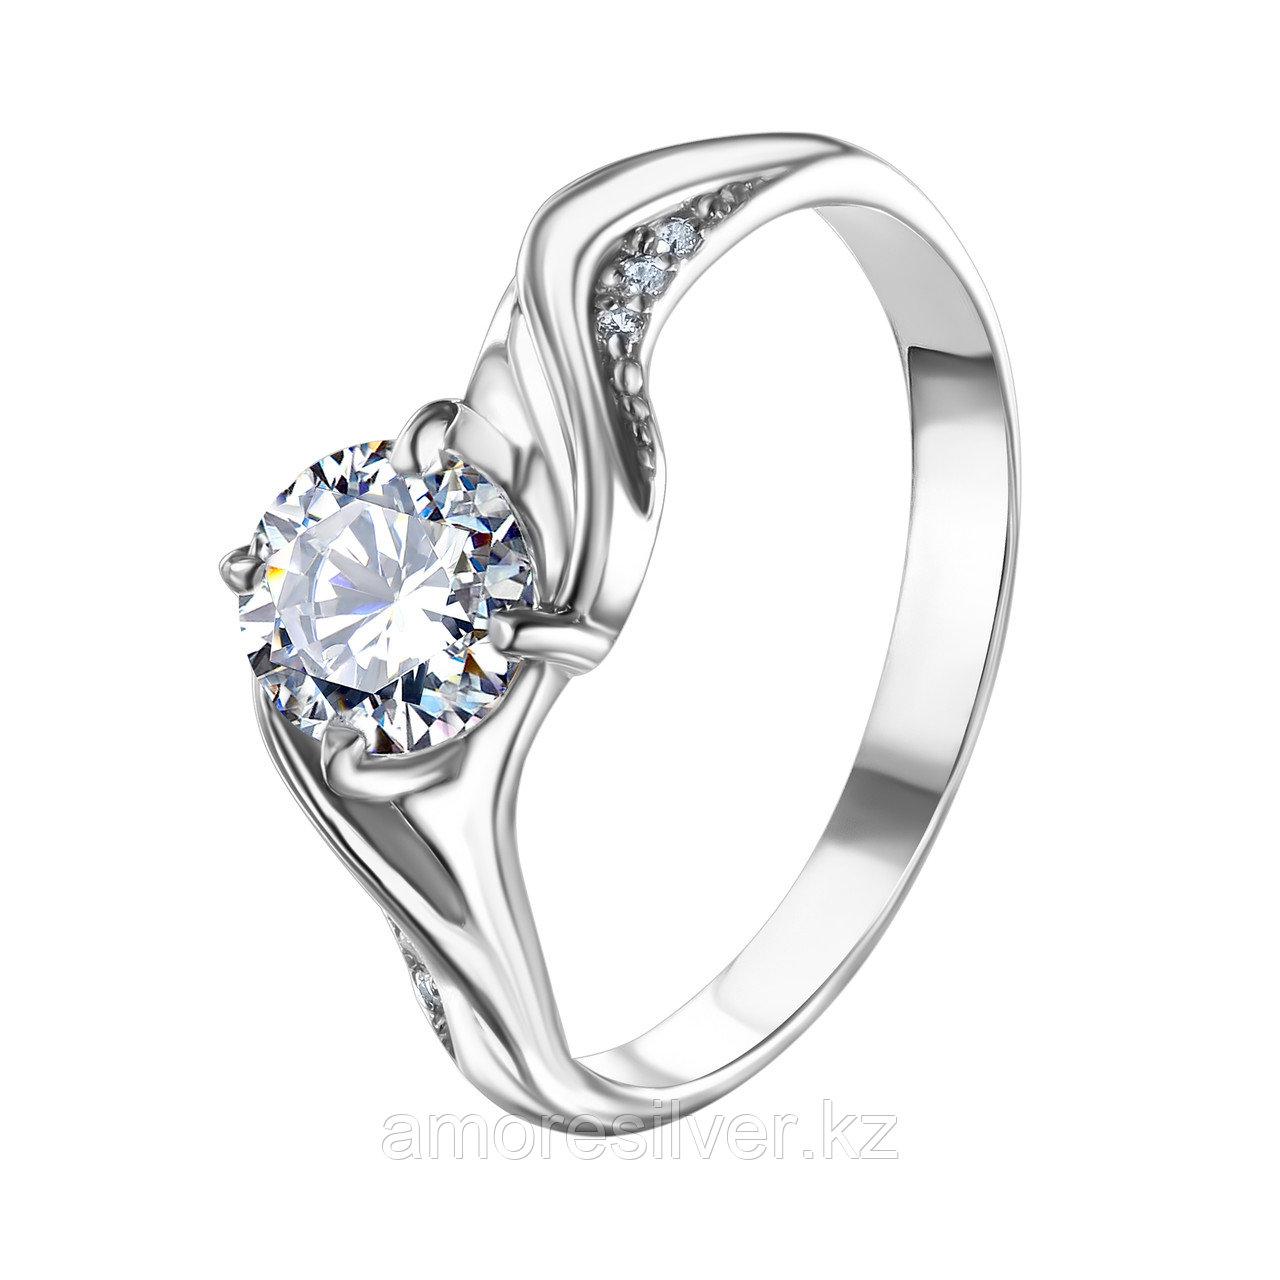 """Кольцо TEOSA серебро с родием,   недорогое без вставочек  , """"каратник"""" 10120-0647-CZ размеры - 17,5 18,5"""